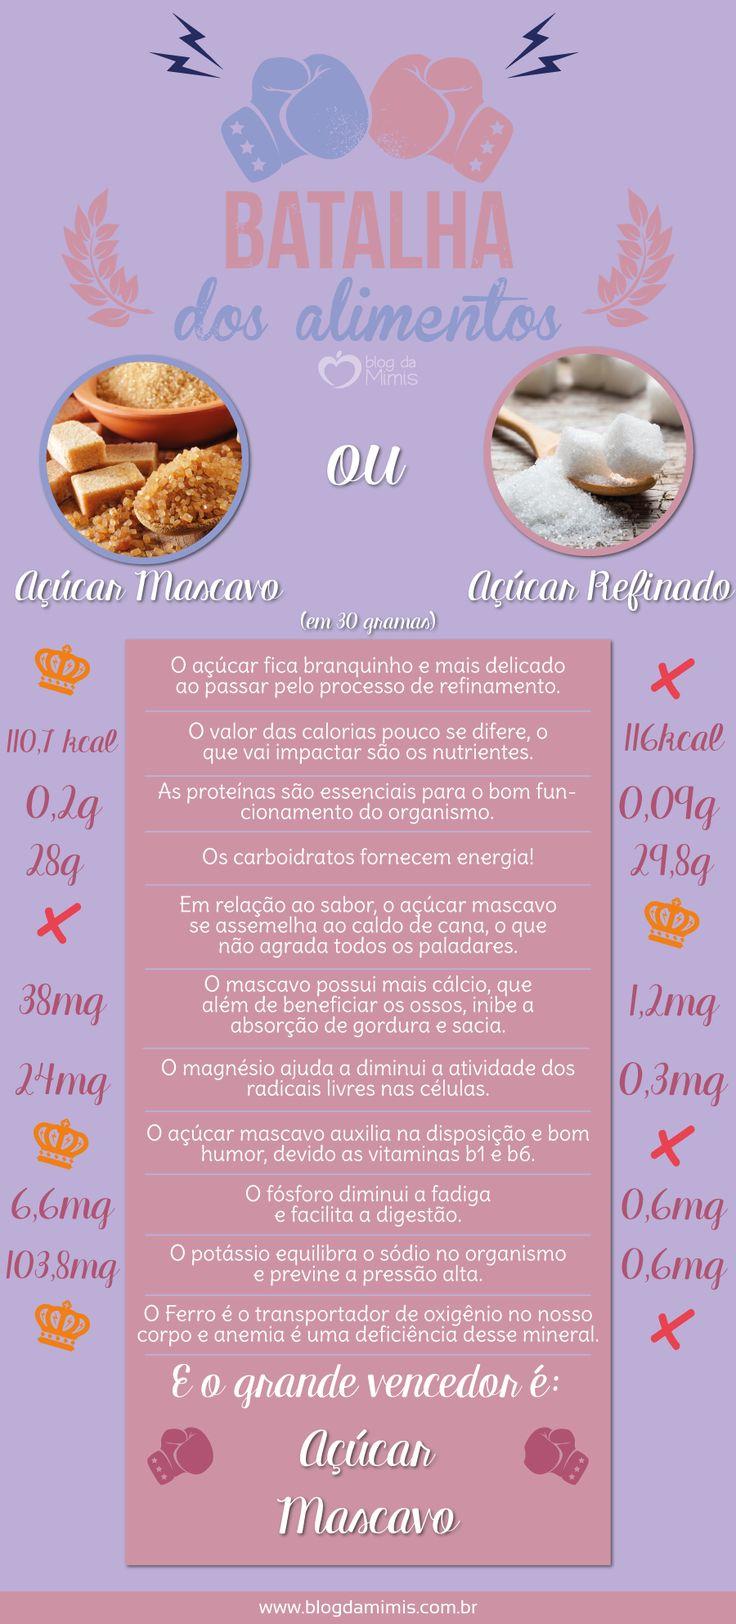 Batalha dos Alimentos: açúcar mascavo ou refinado? - Blog da Mimis #açúcar #diferenças #mascavo #refinado #sugar